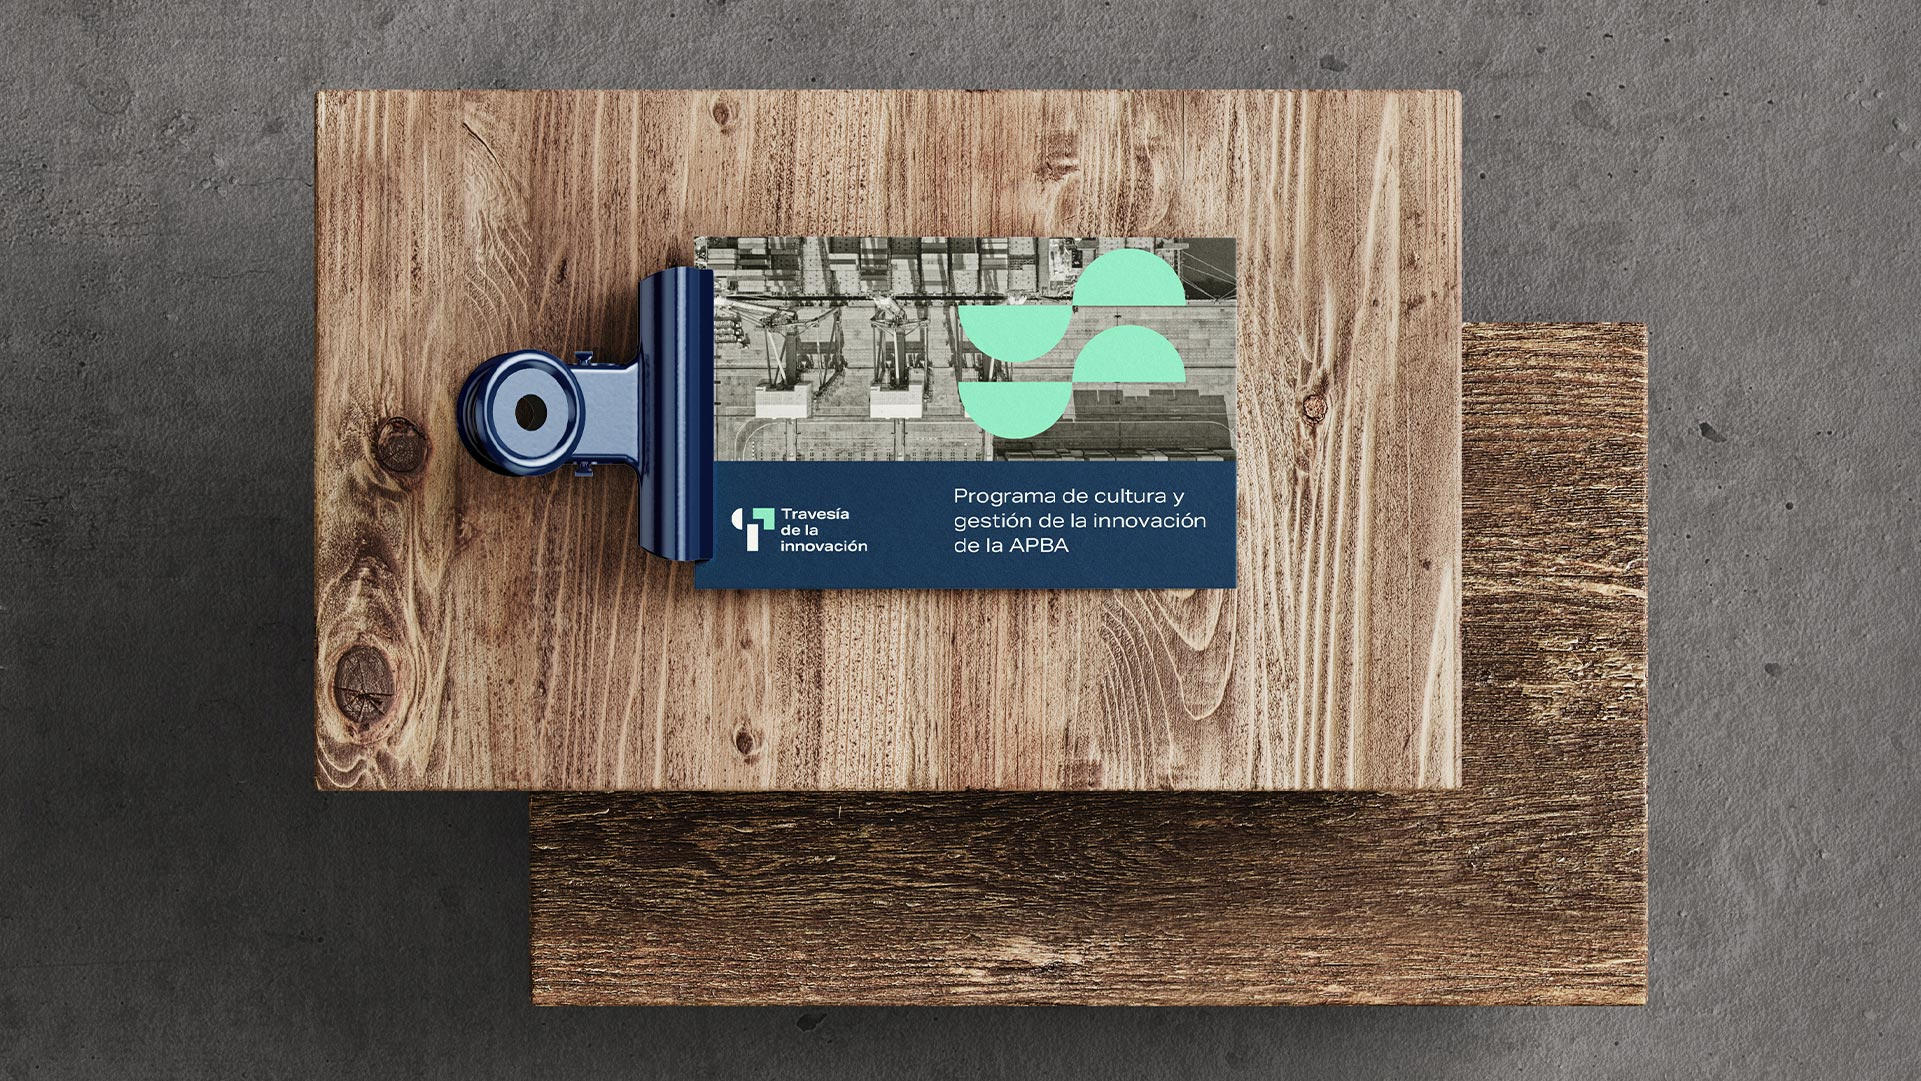 Papeleria2-Identidad-marca-Puerto-Algeciras-Travesia-innovacion